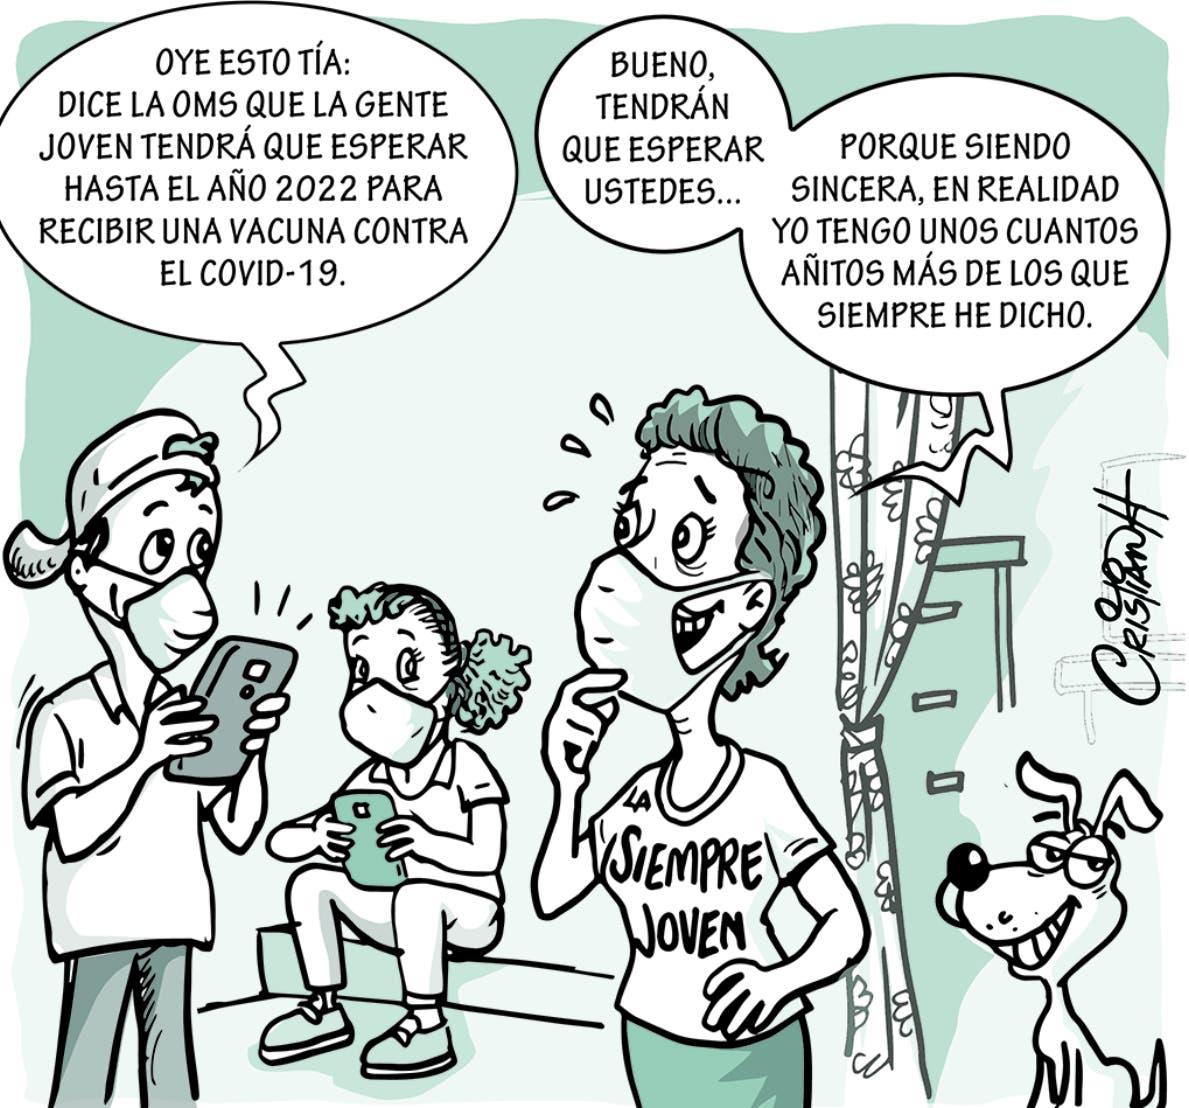 Caricatura Cristian Caricaturas – El Día, 15 de Octubre, 2020